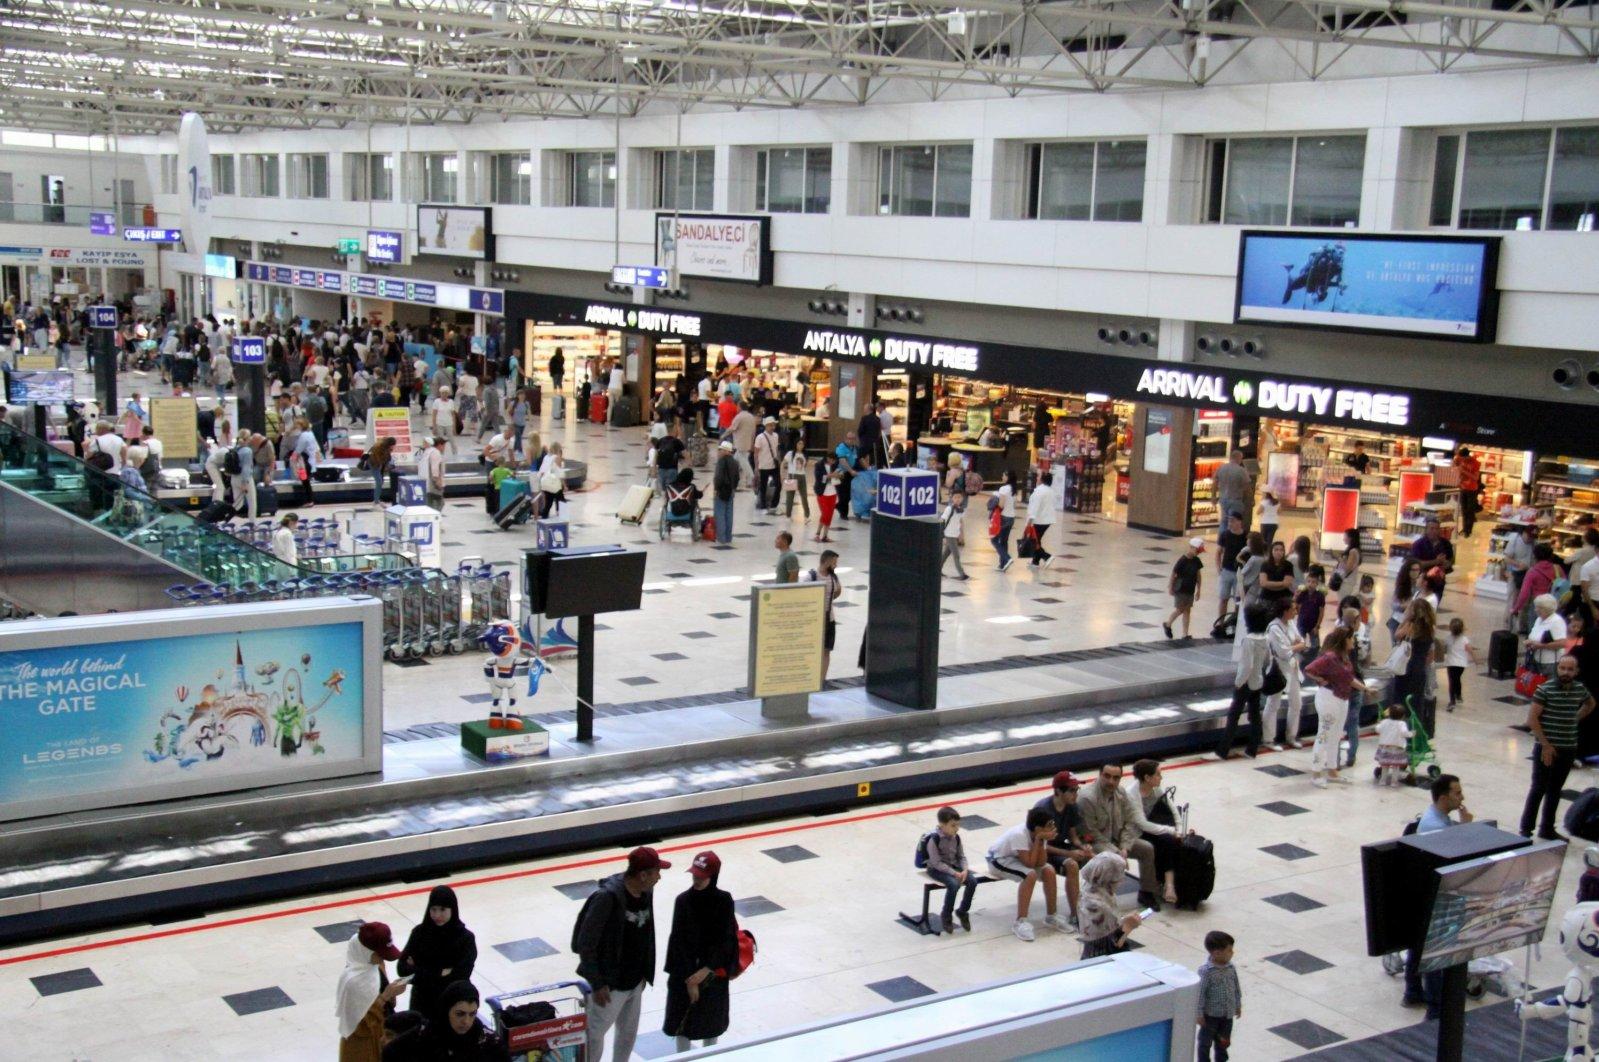 People are seen at Antalya Airport, Antalya, Turkey, Aug. 27, 2018. (IHA Photo)